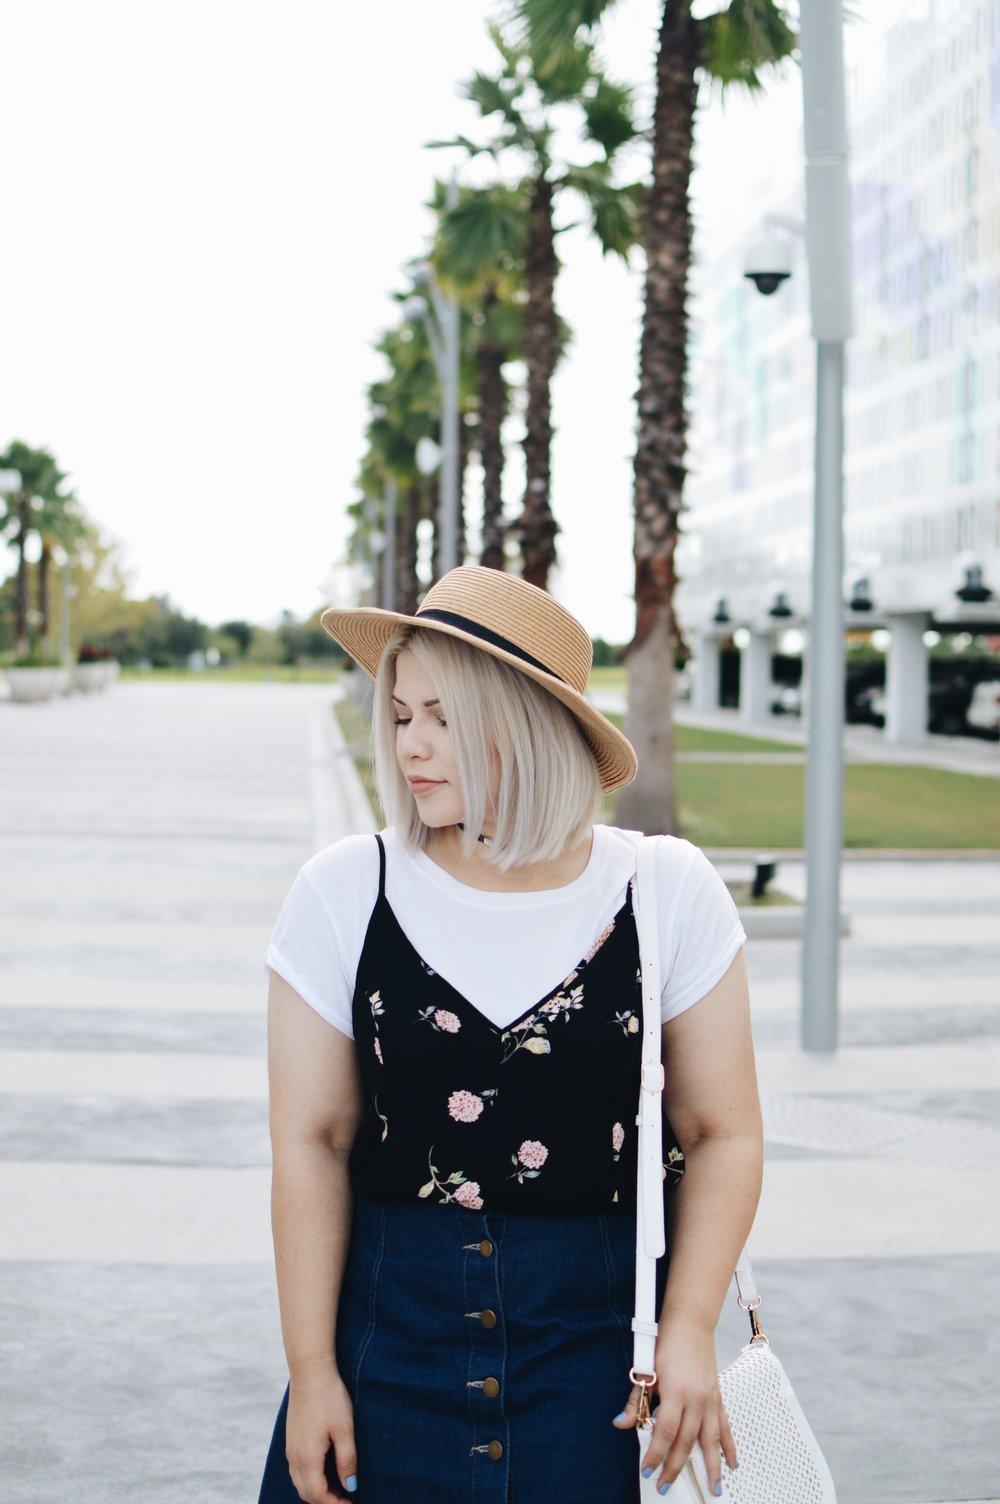 T-shirt   H&M  , Dress   TJMaxx  , Skirt   Charlotte Russe